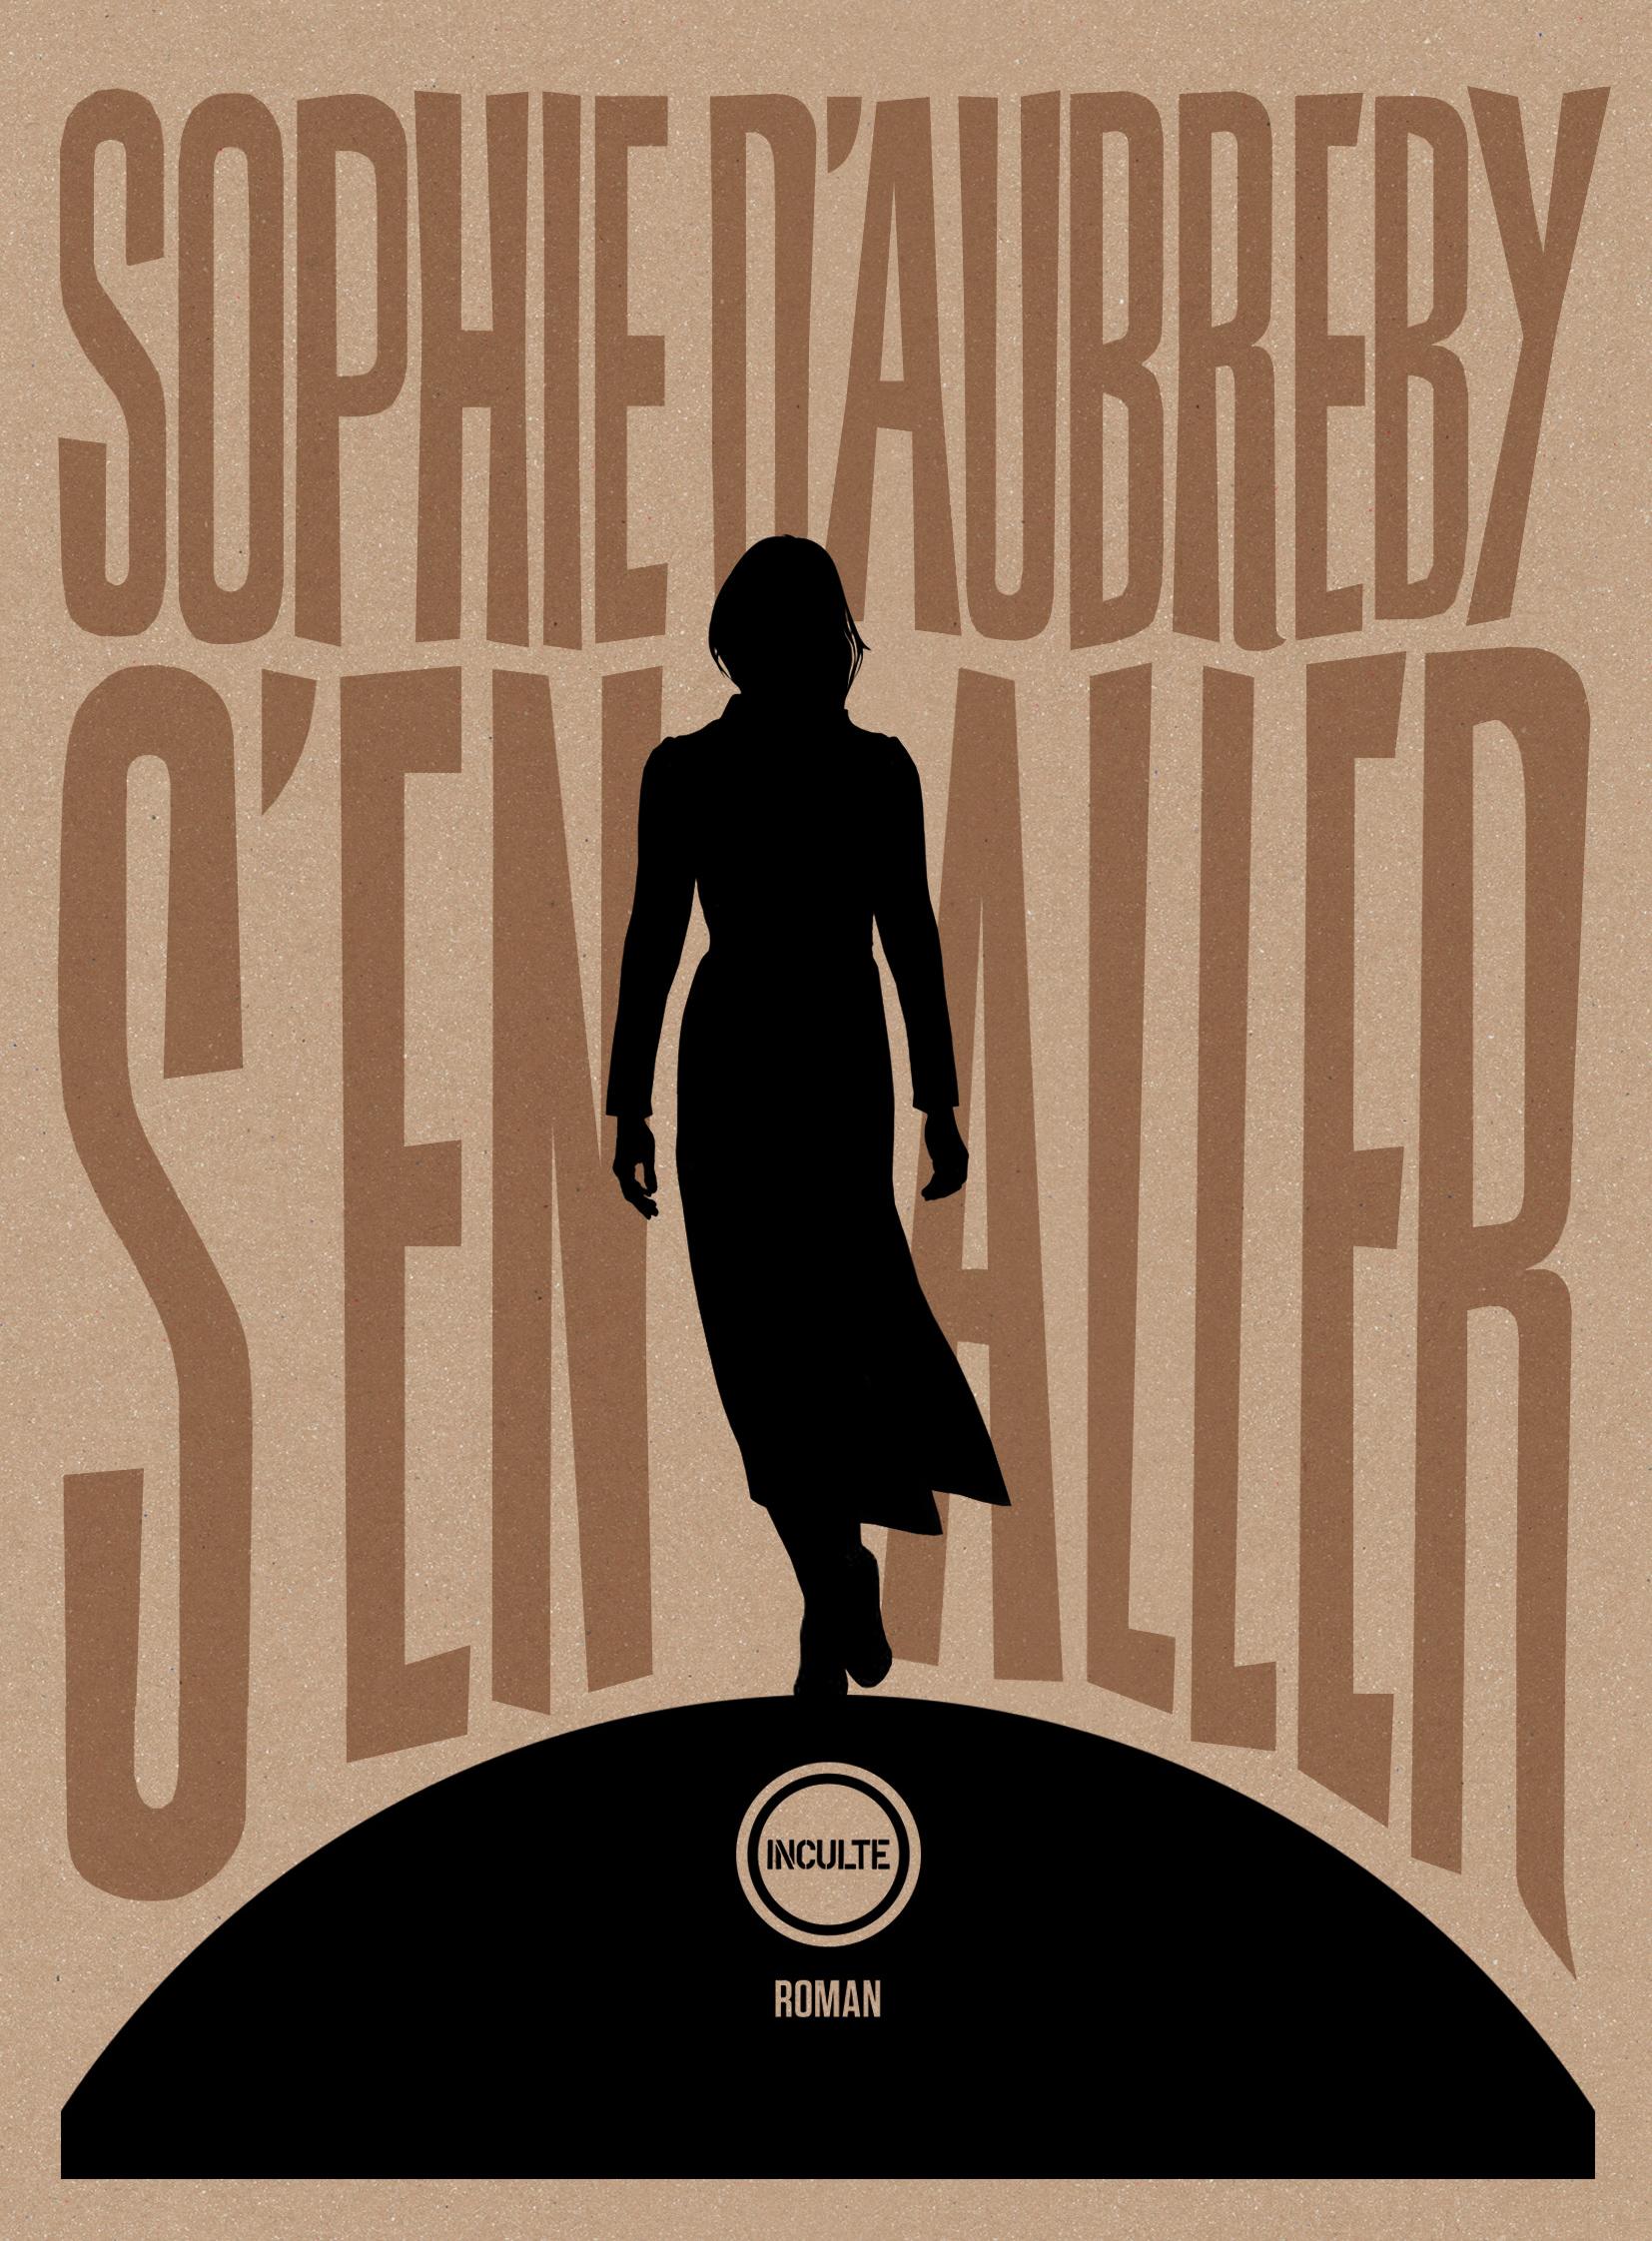 S'en aller de Sophie d'Aubreby Voyage au cœur d'une émancipation féminine